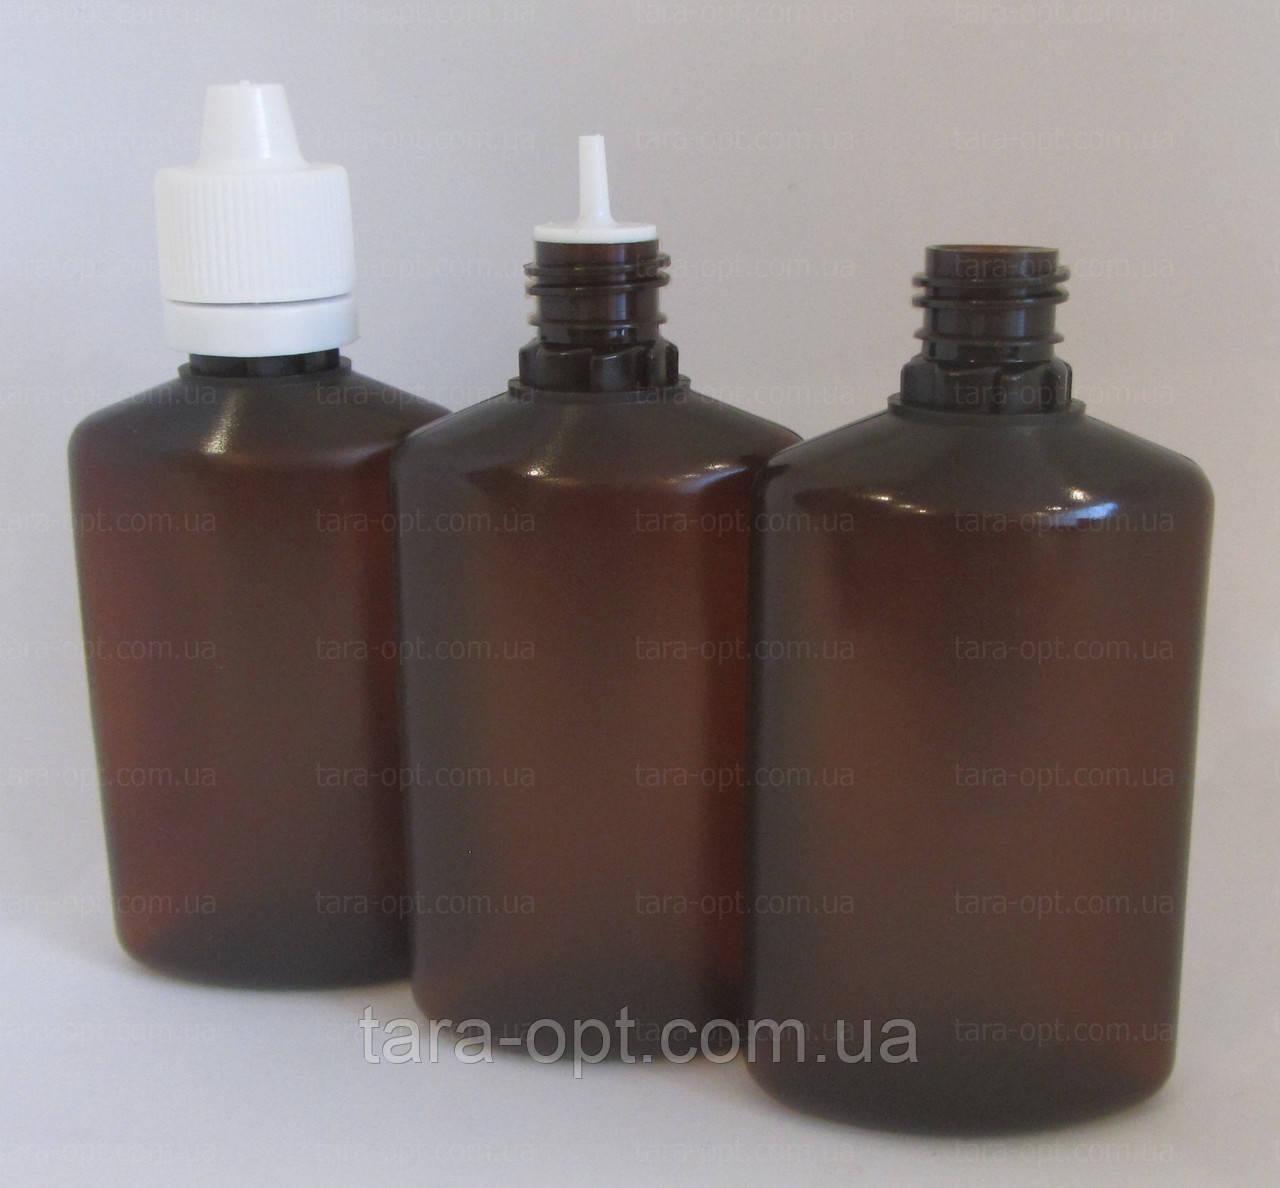 Флакон плоский 50 мл коричневый, зашита от детей (Цена от 2,75 грн)